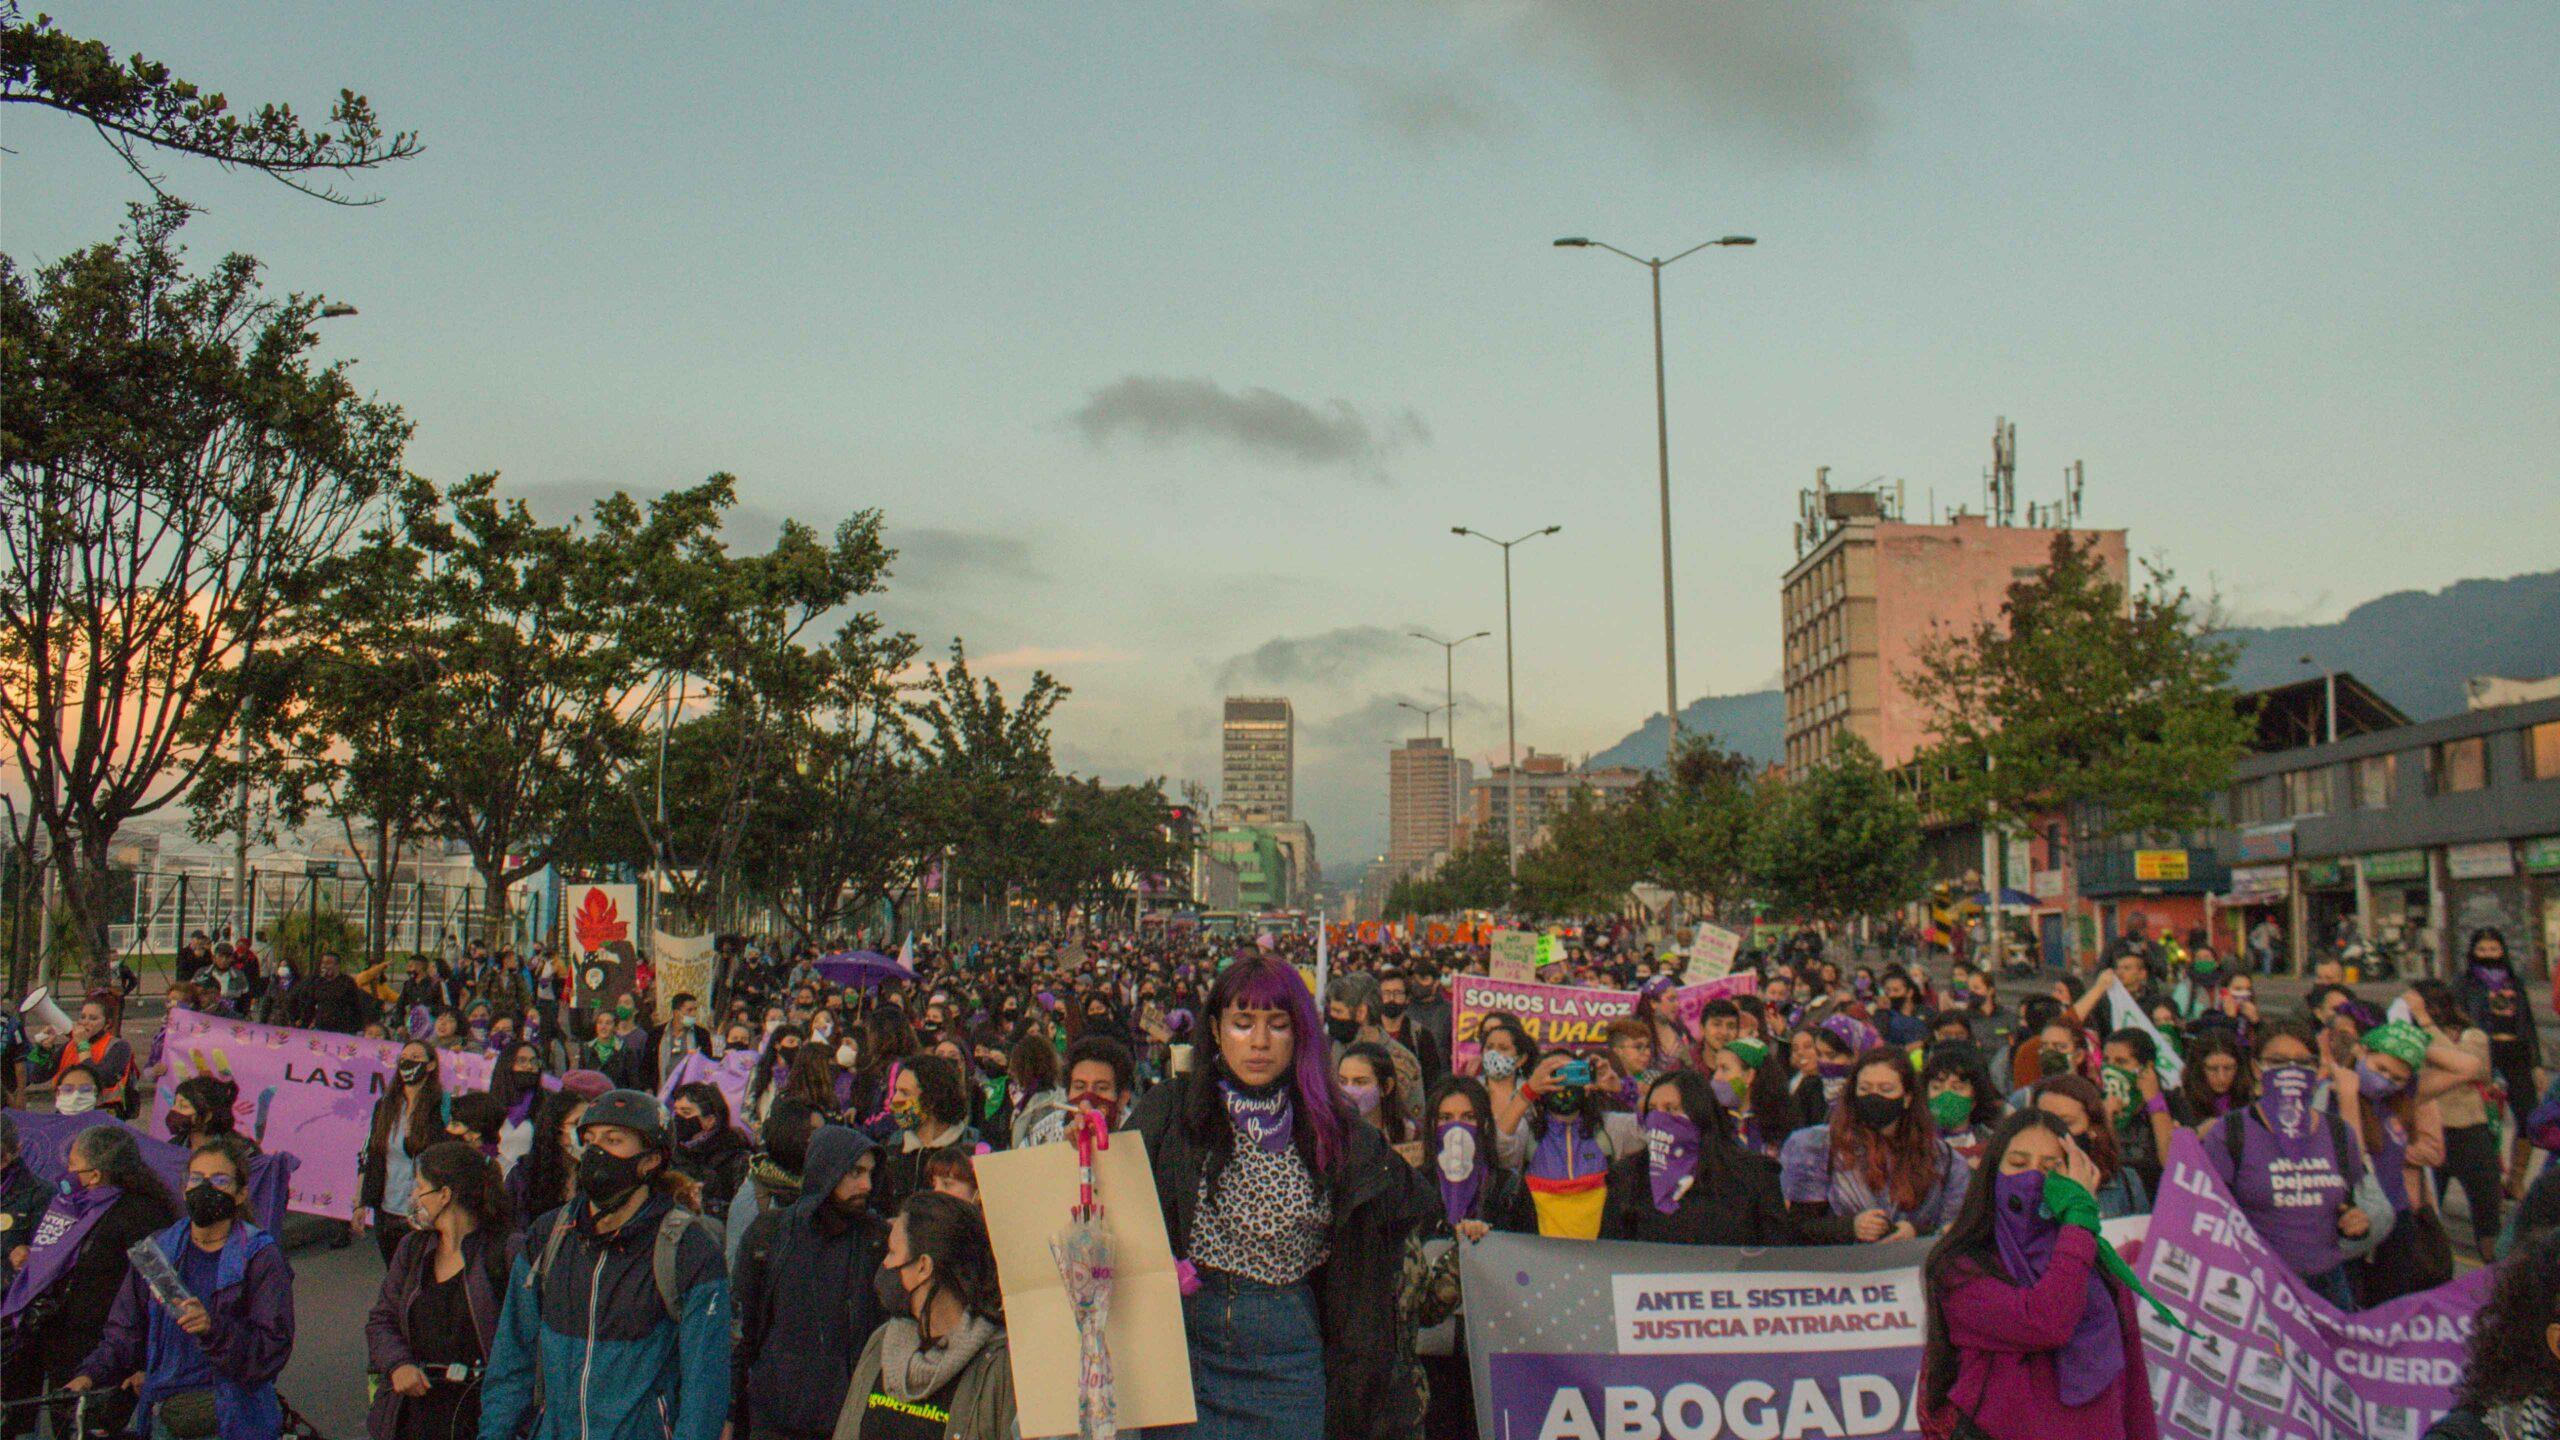 Feminismos y libertad de prensa: dos luchas que no pueden ser excluyentes